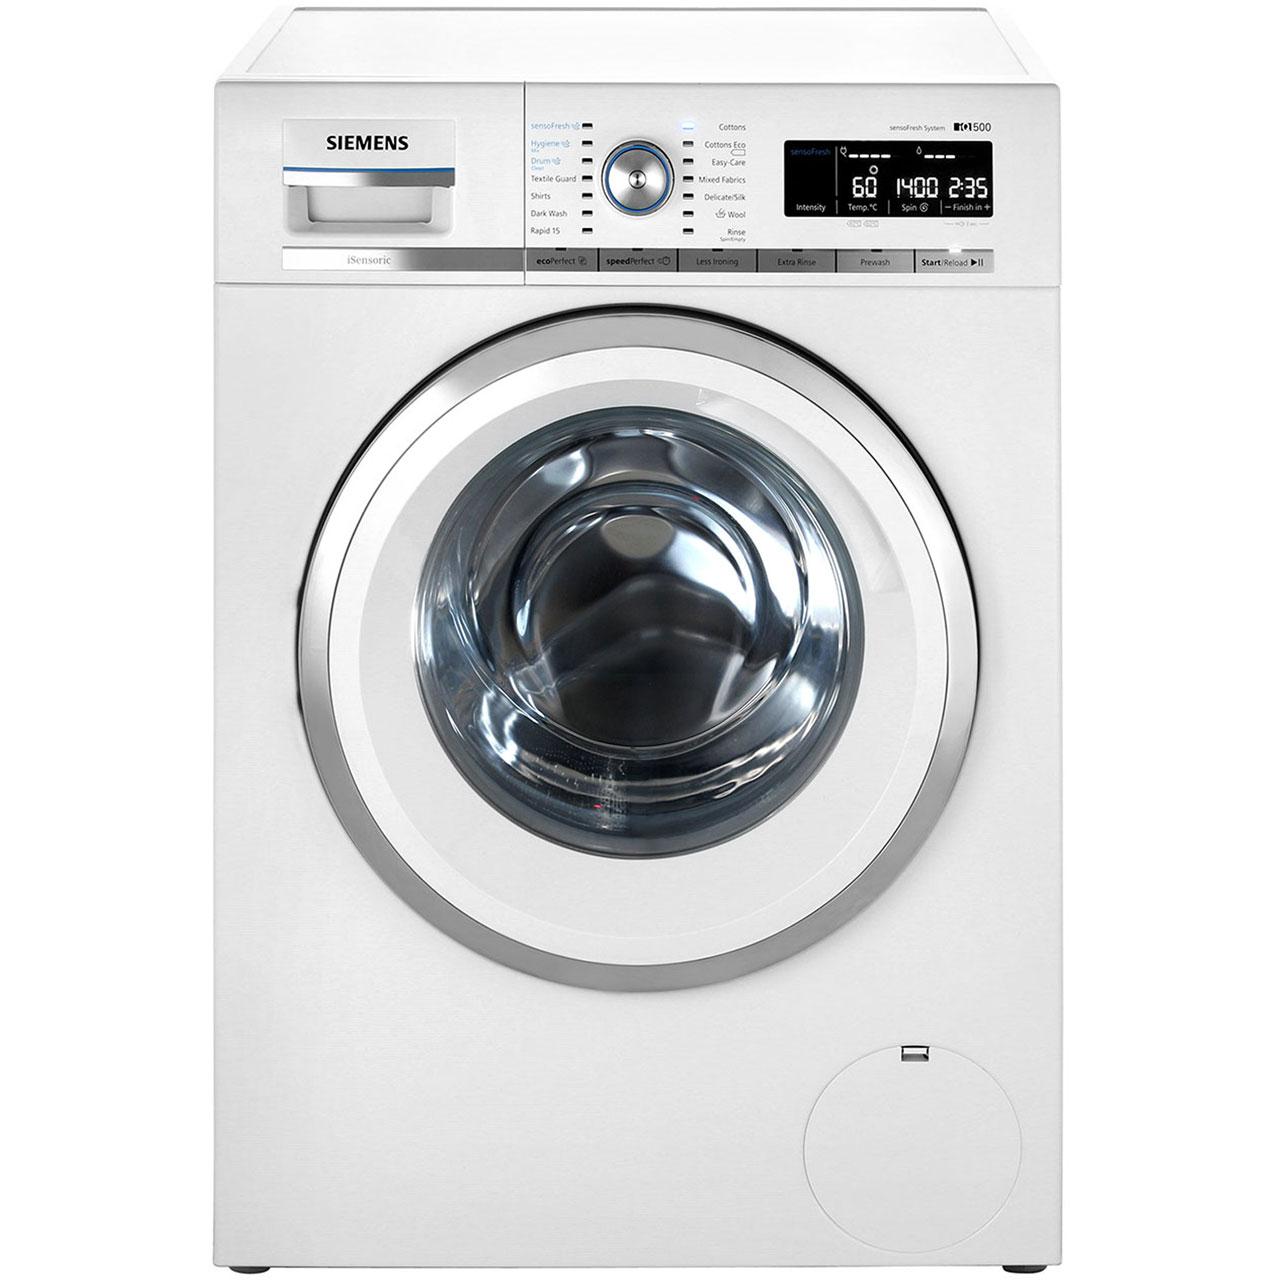 Siemens Washing Machine Drum Price : siemens iq 500 wm14w750gb 9kg washing machine review ~ Hamham.info Haus und Dekorationen